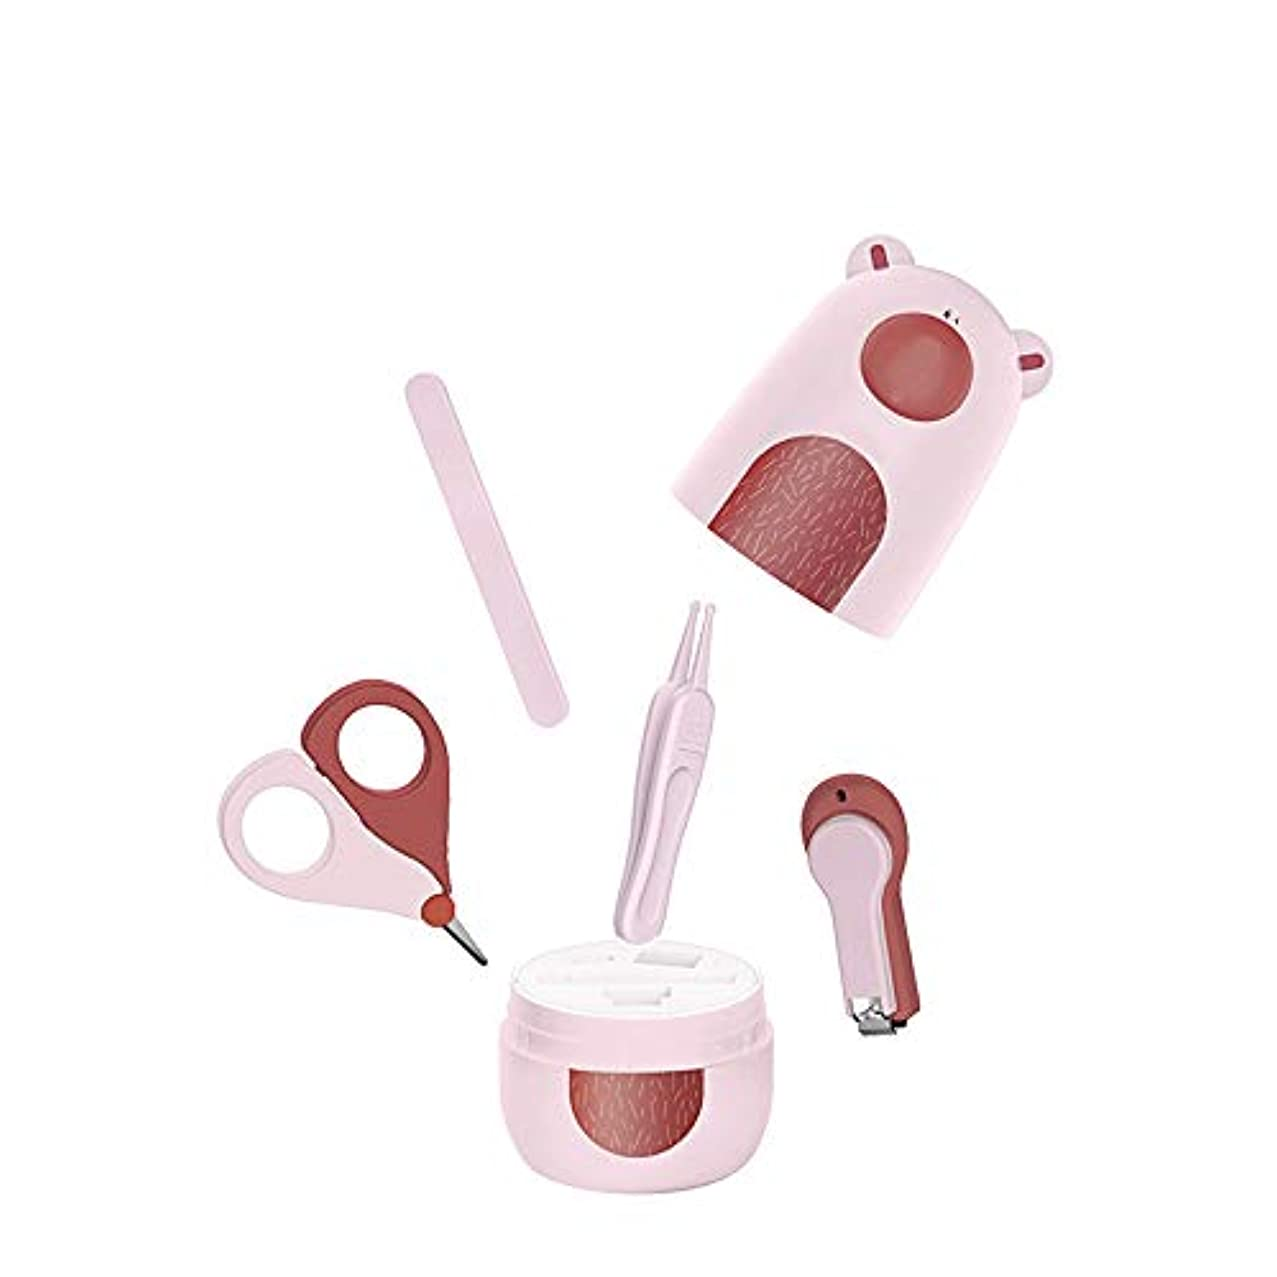 不調和端紳士赤ん坊の釘用具セット漫画くまの爪切りセット収納ケース付き、ピンク、4点セット